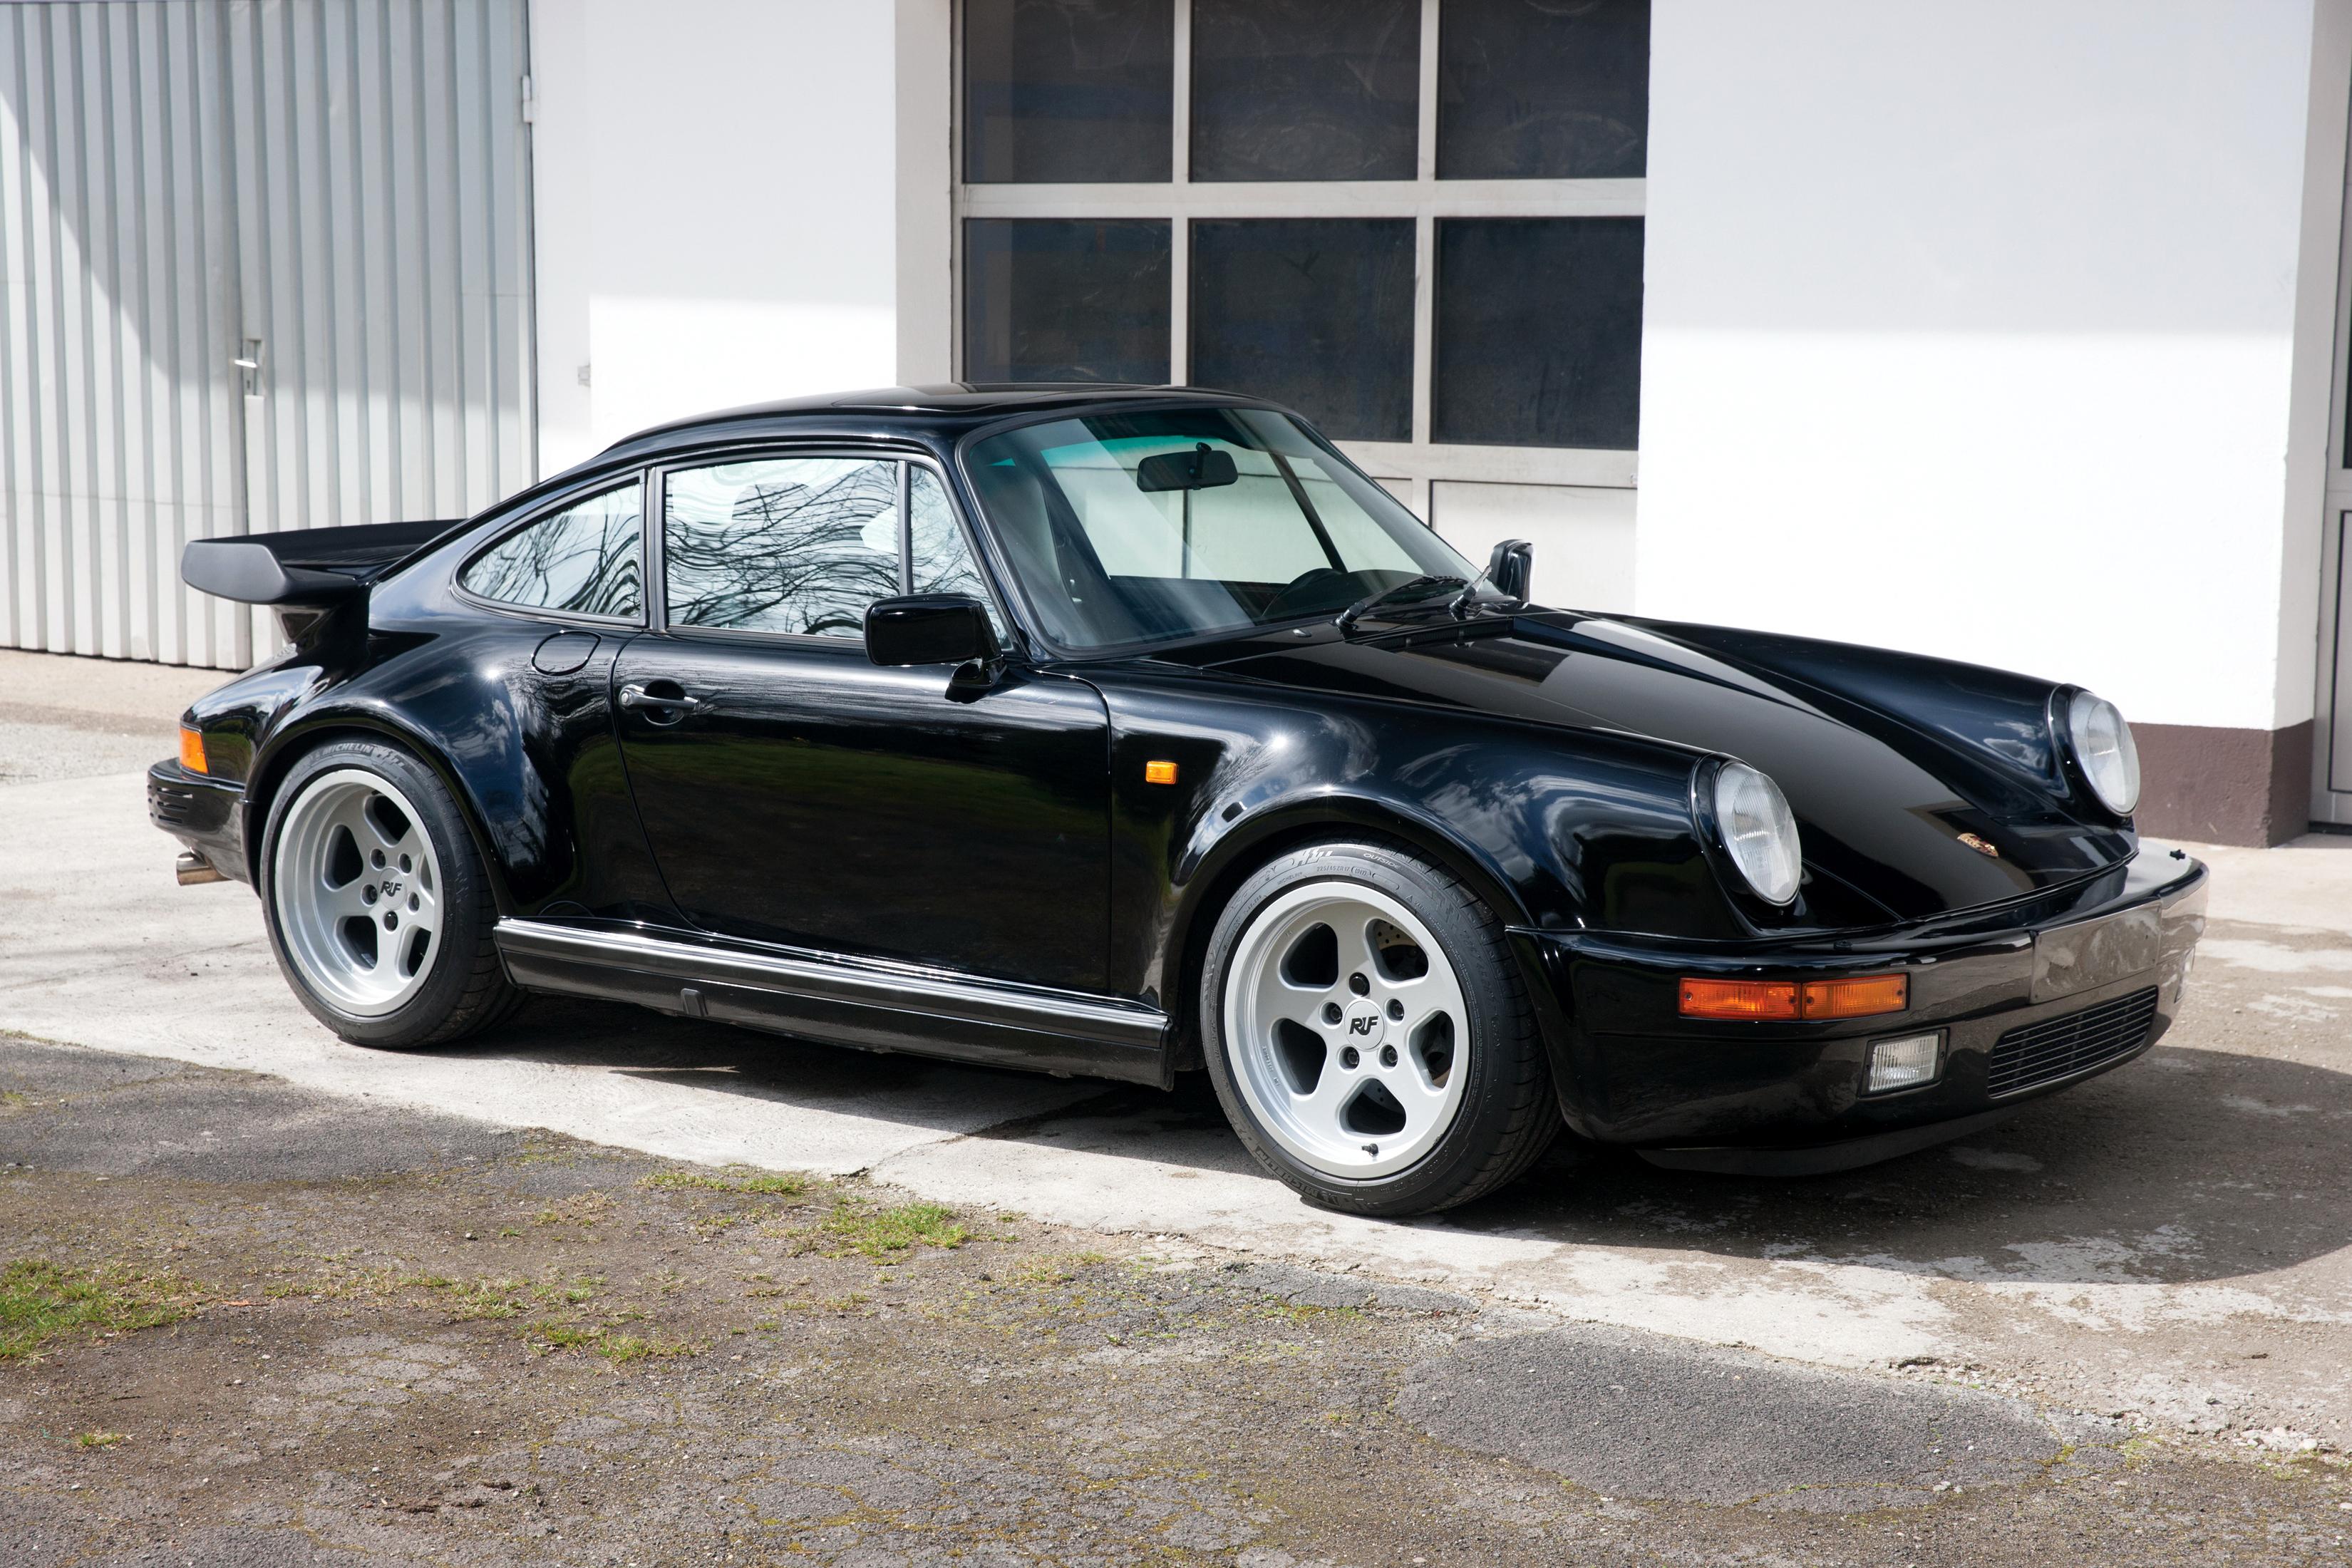 Papeis De Parede 3300x2200 Porsche Tuning 1987 91 Ruf Ctr Yellowbird 911 Preto Metalico Carros Baixar Imagens